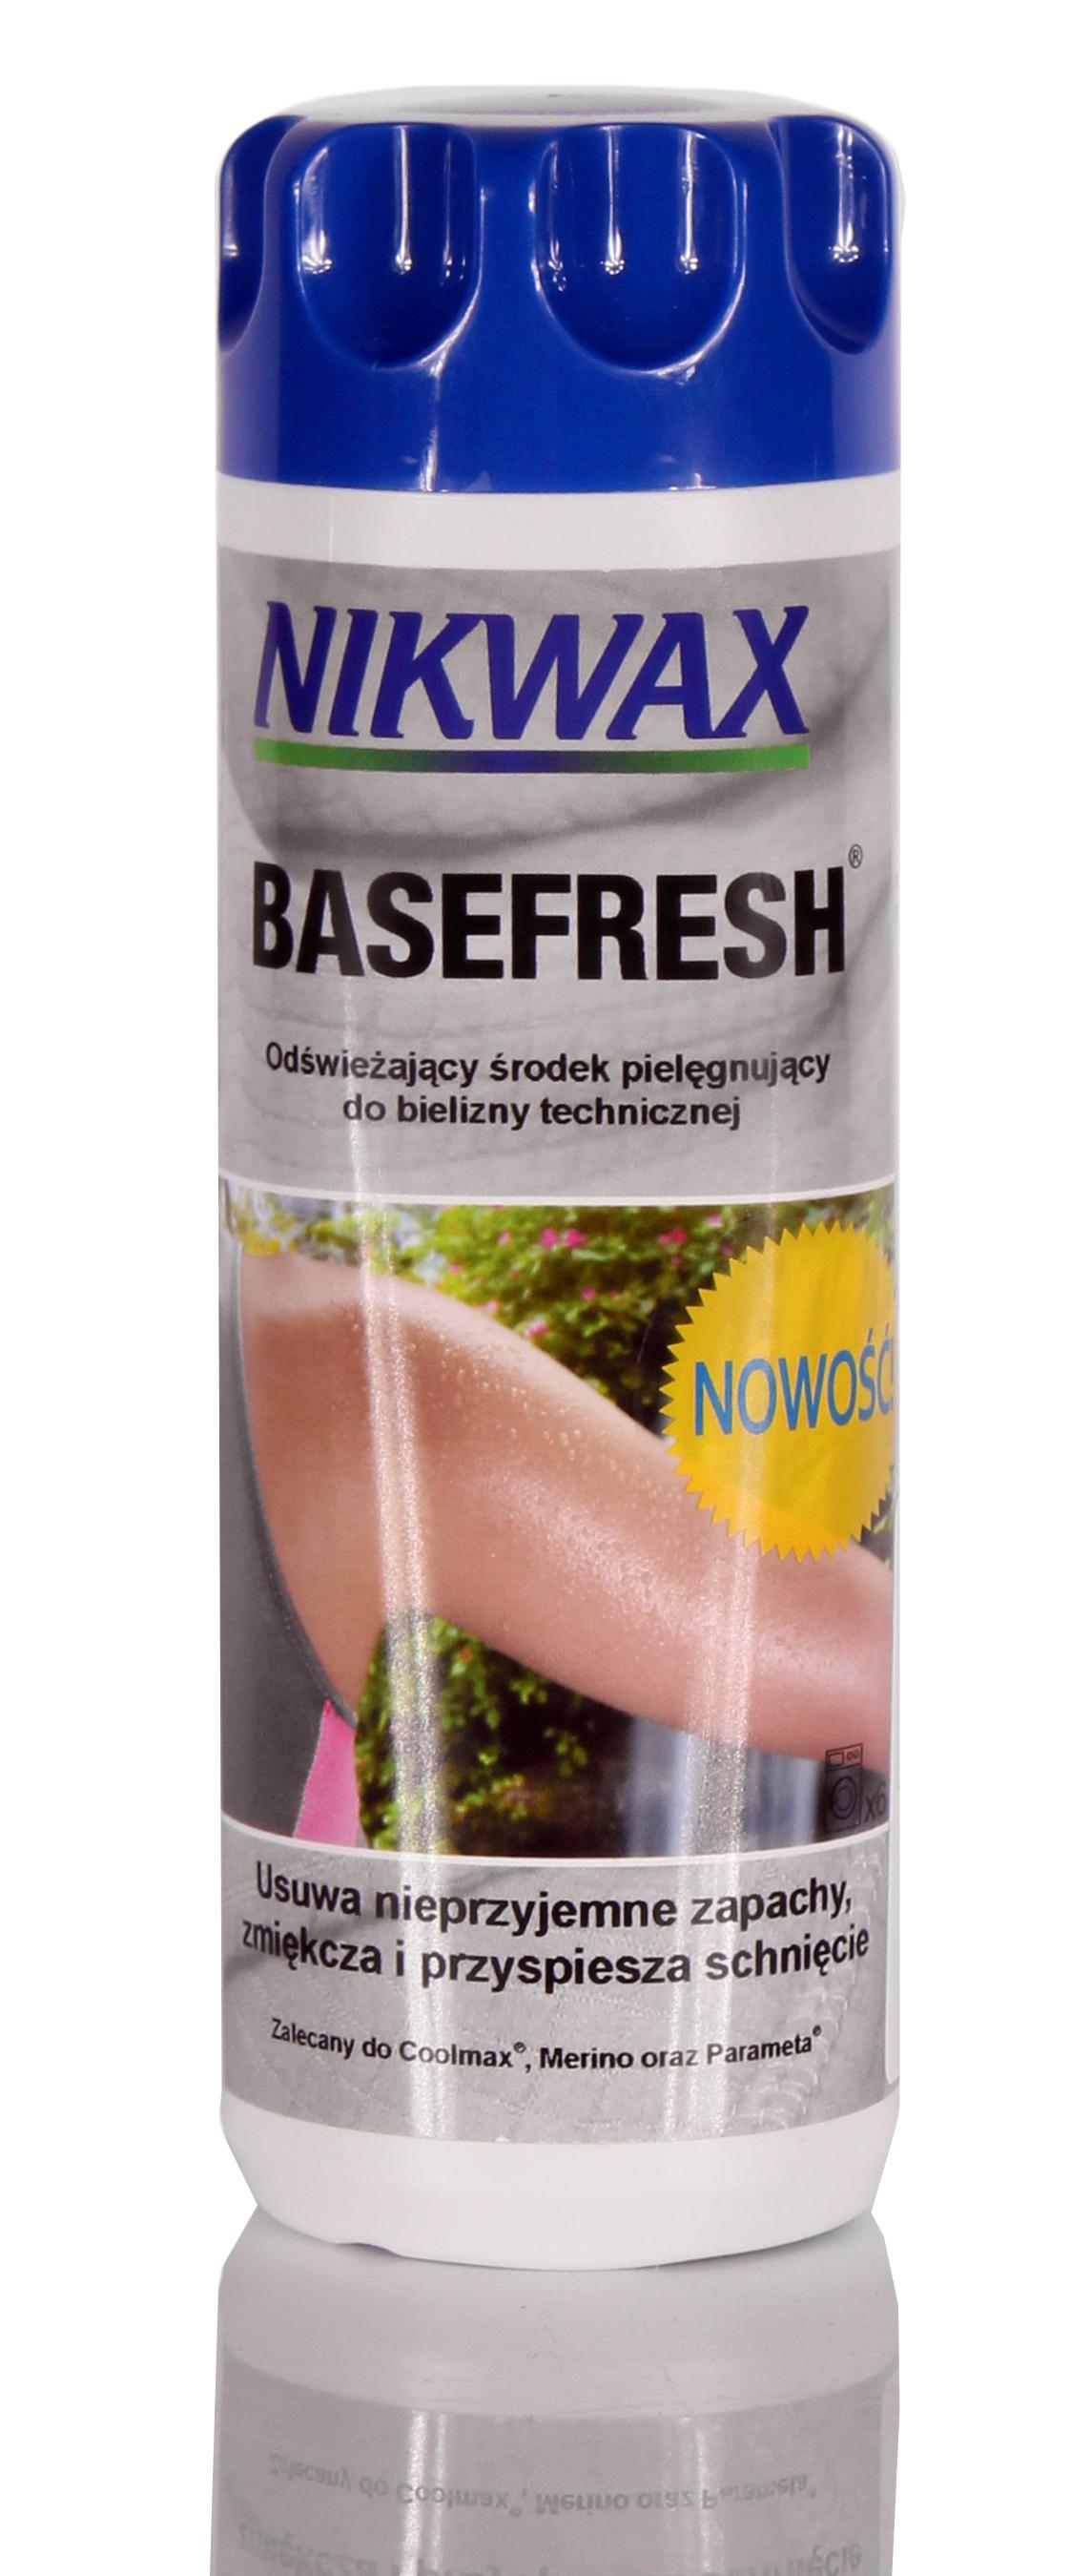 Środek Pielęgnujący Nikwax (Basefresh)